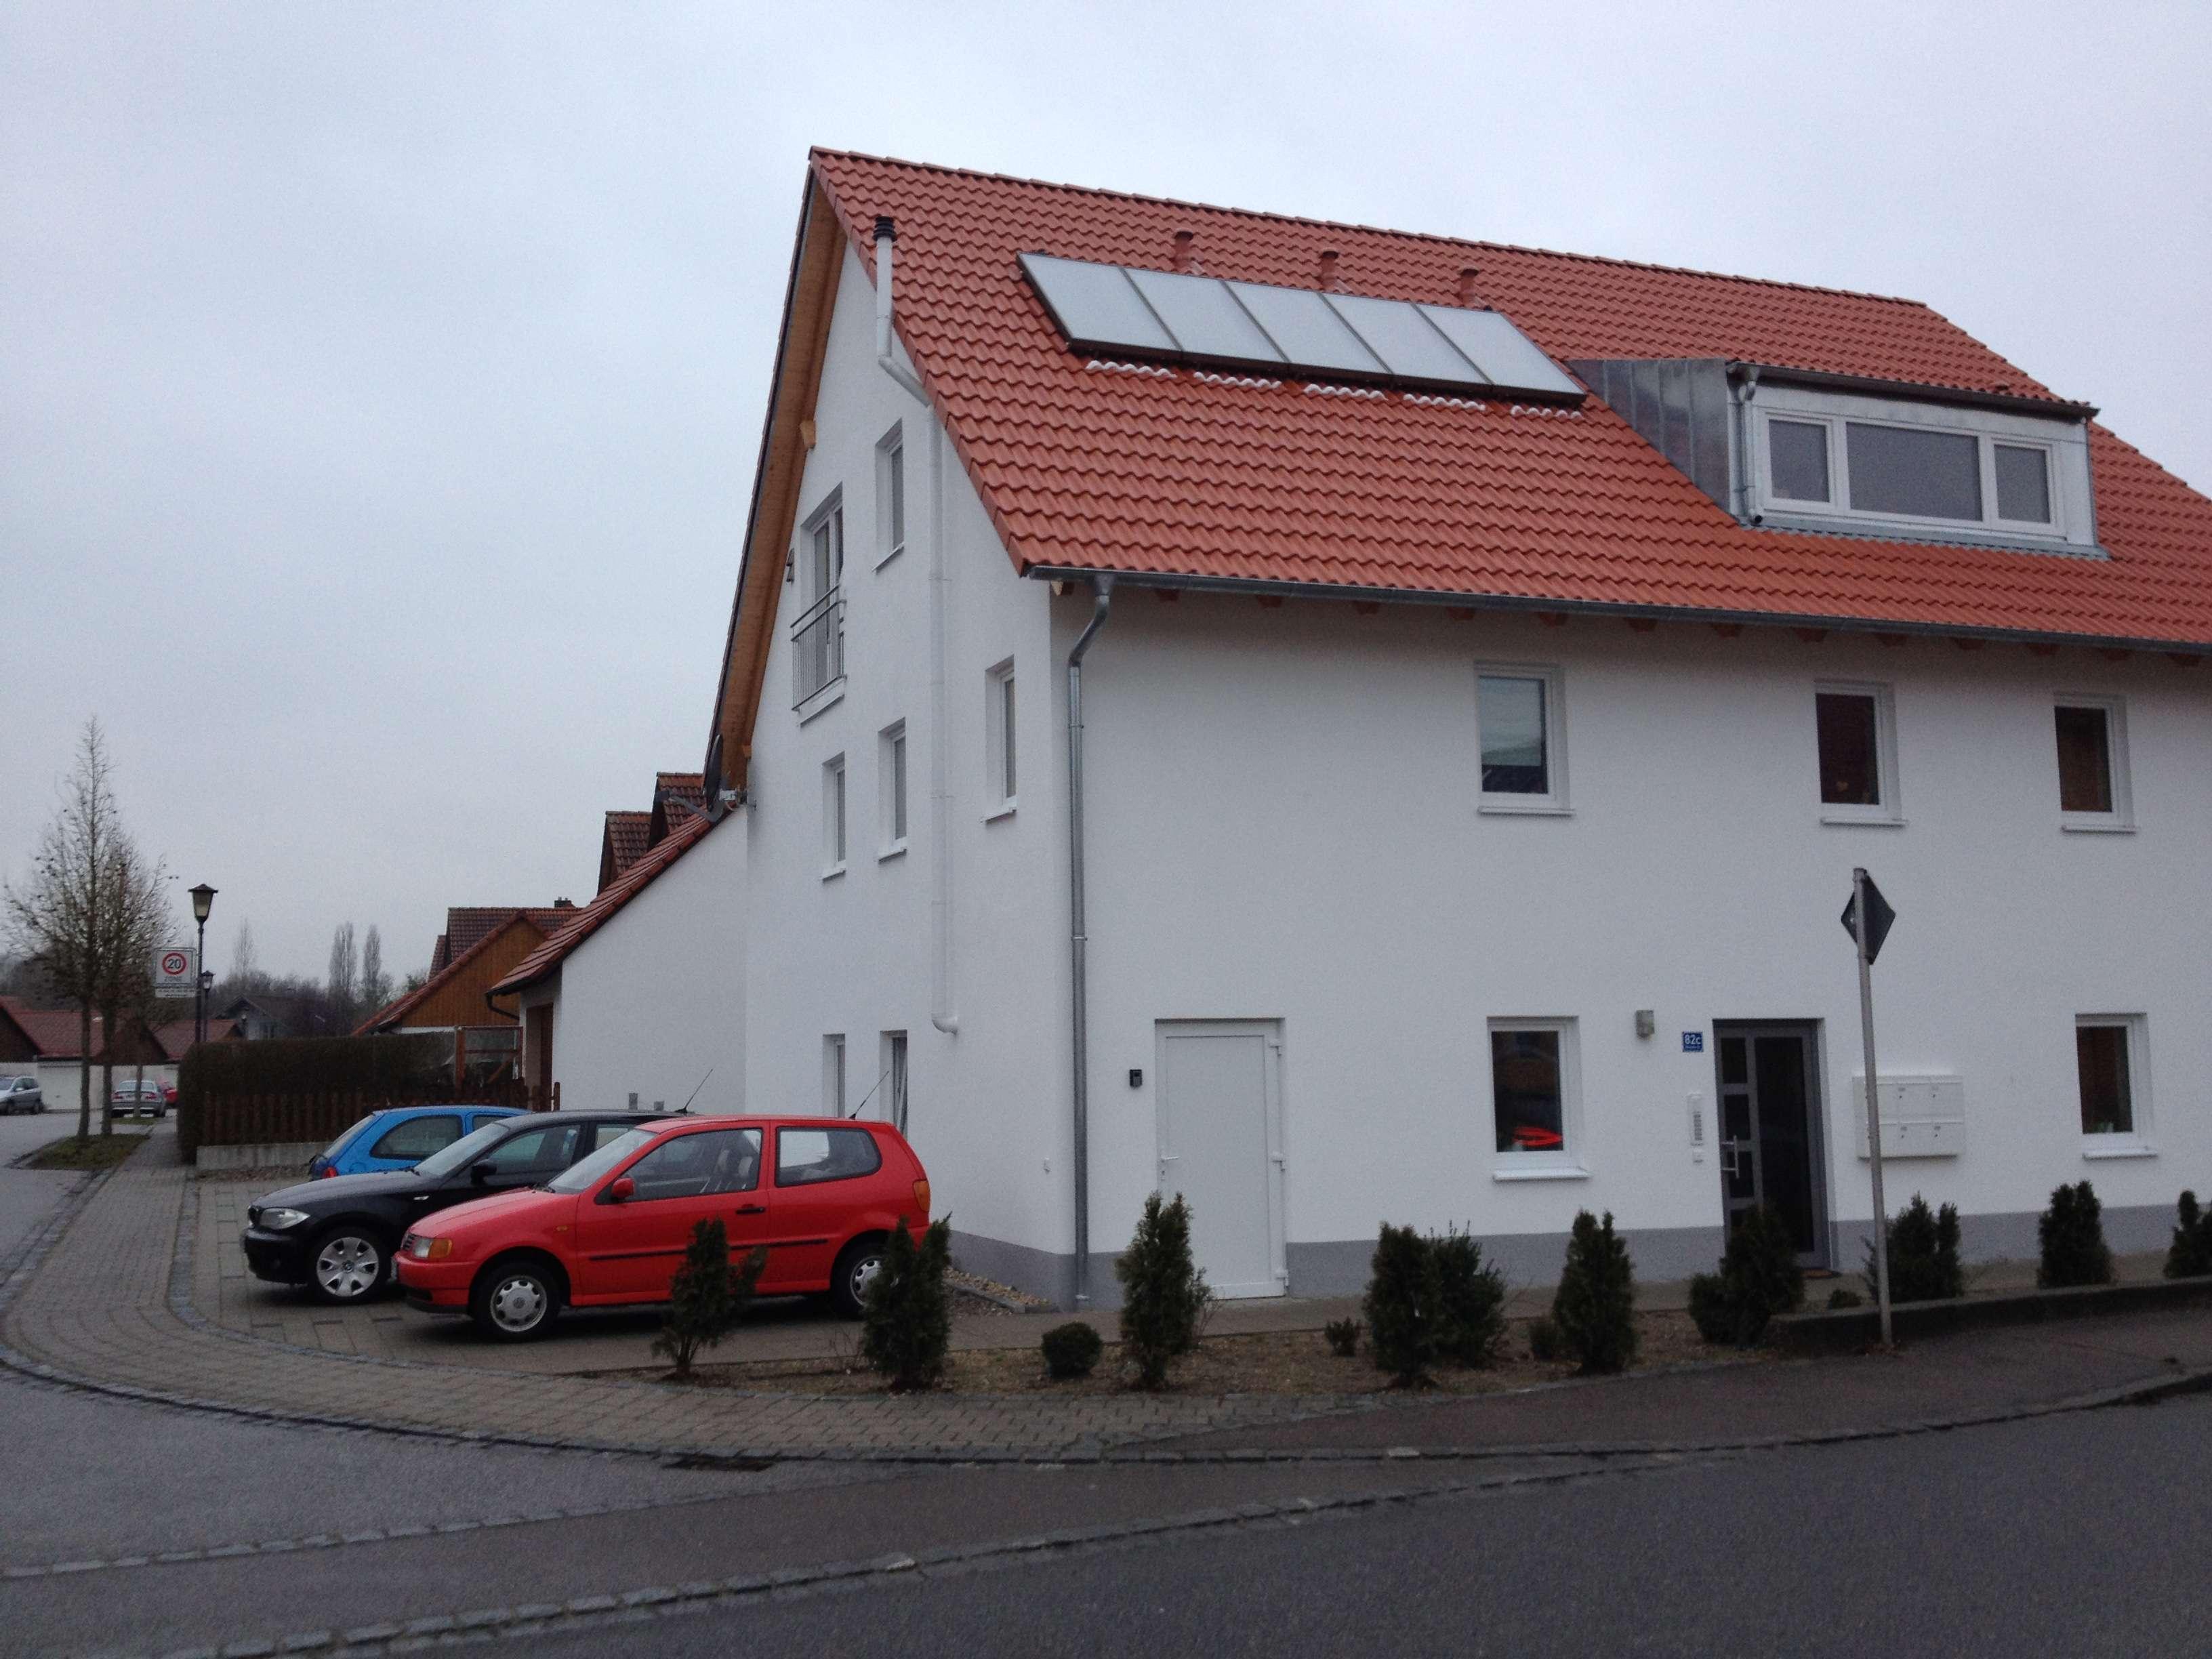 Neuwertige 1-Zimmer-EG-Wohnung mit Terrasse, Gartenanteil und Stellplatz in Geisenfeld